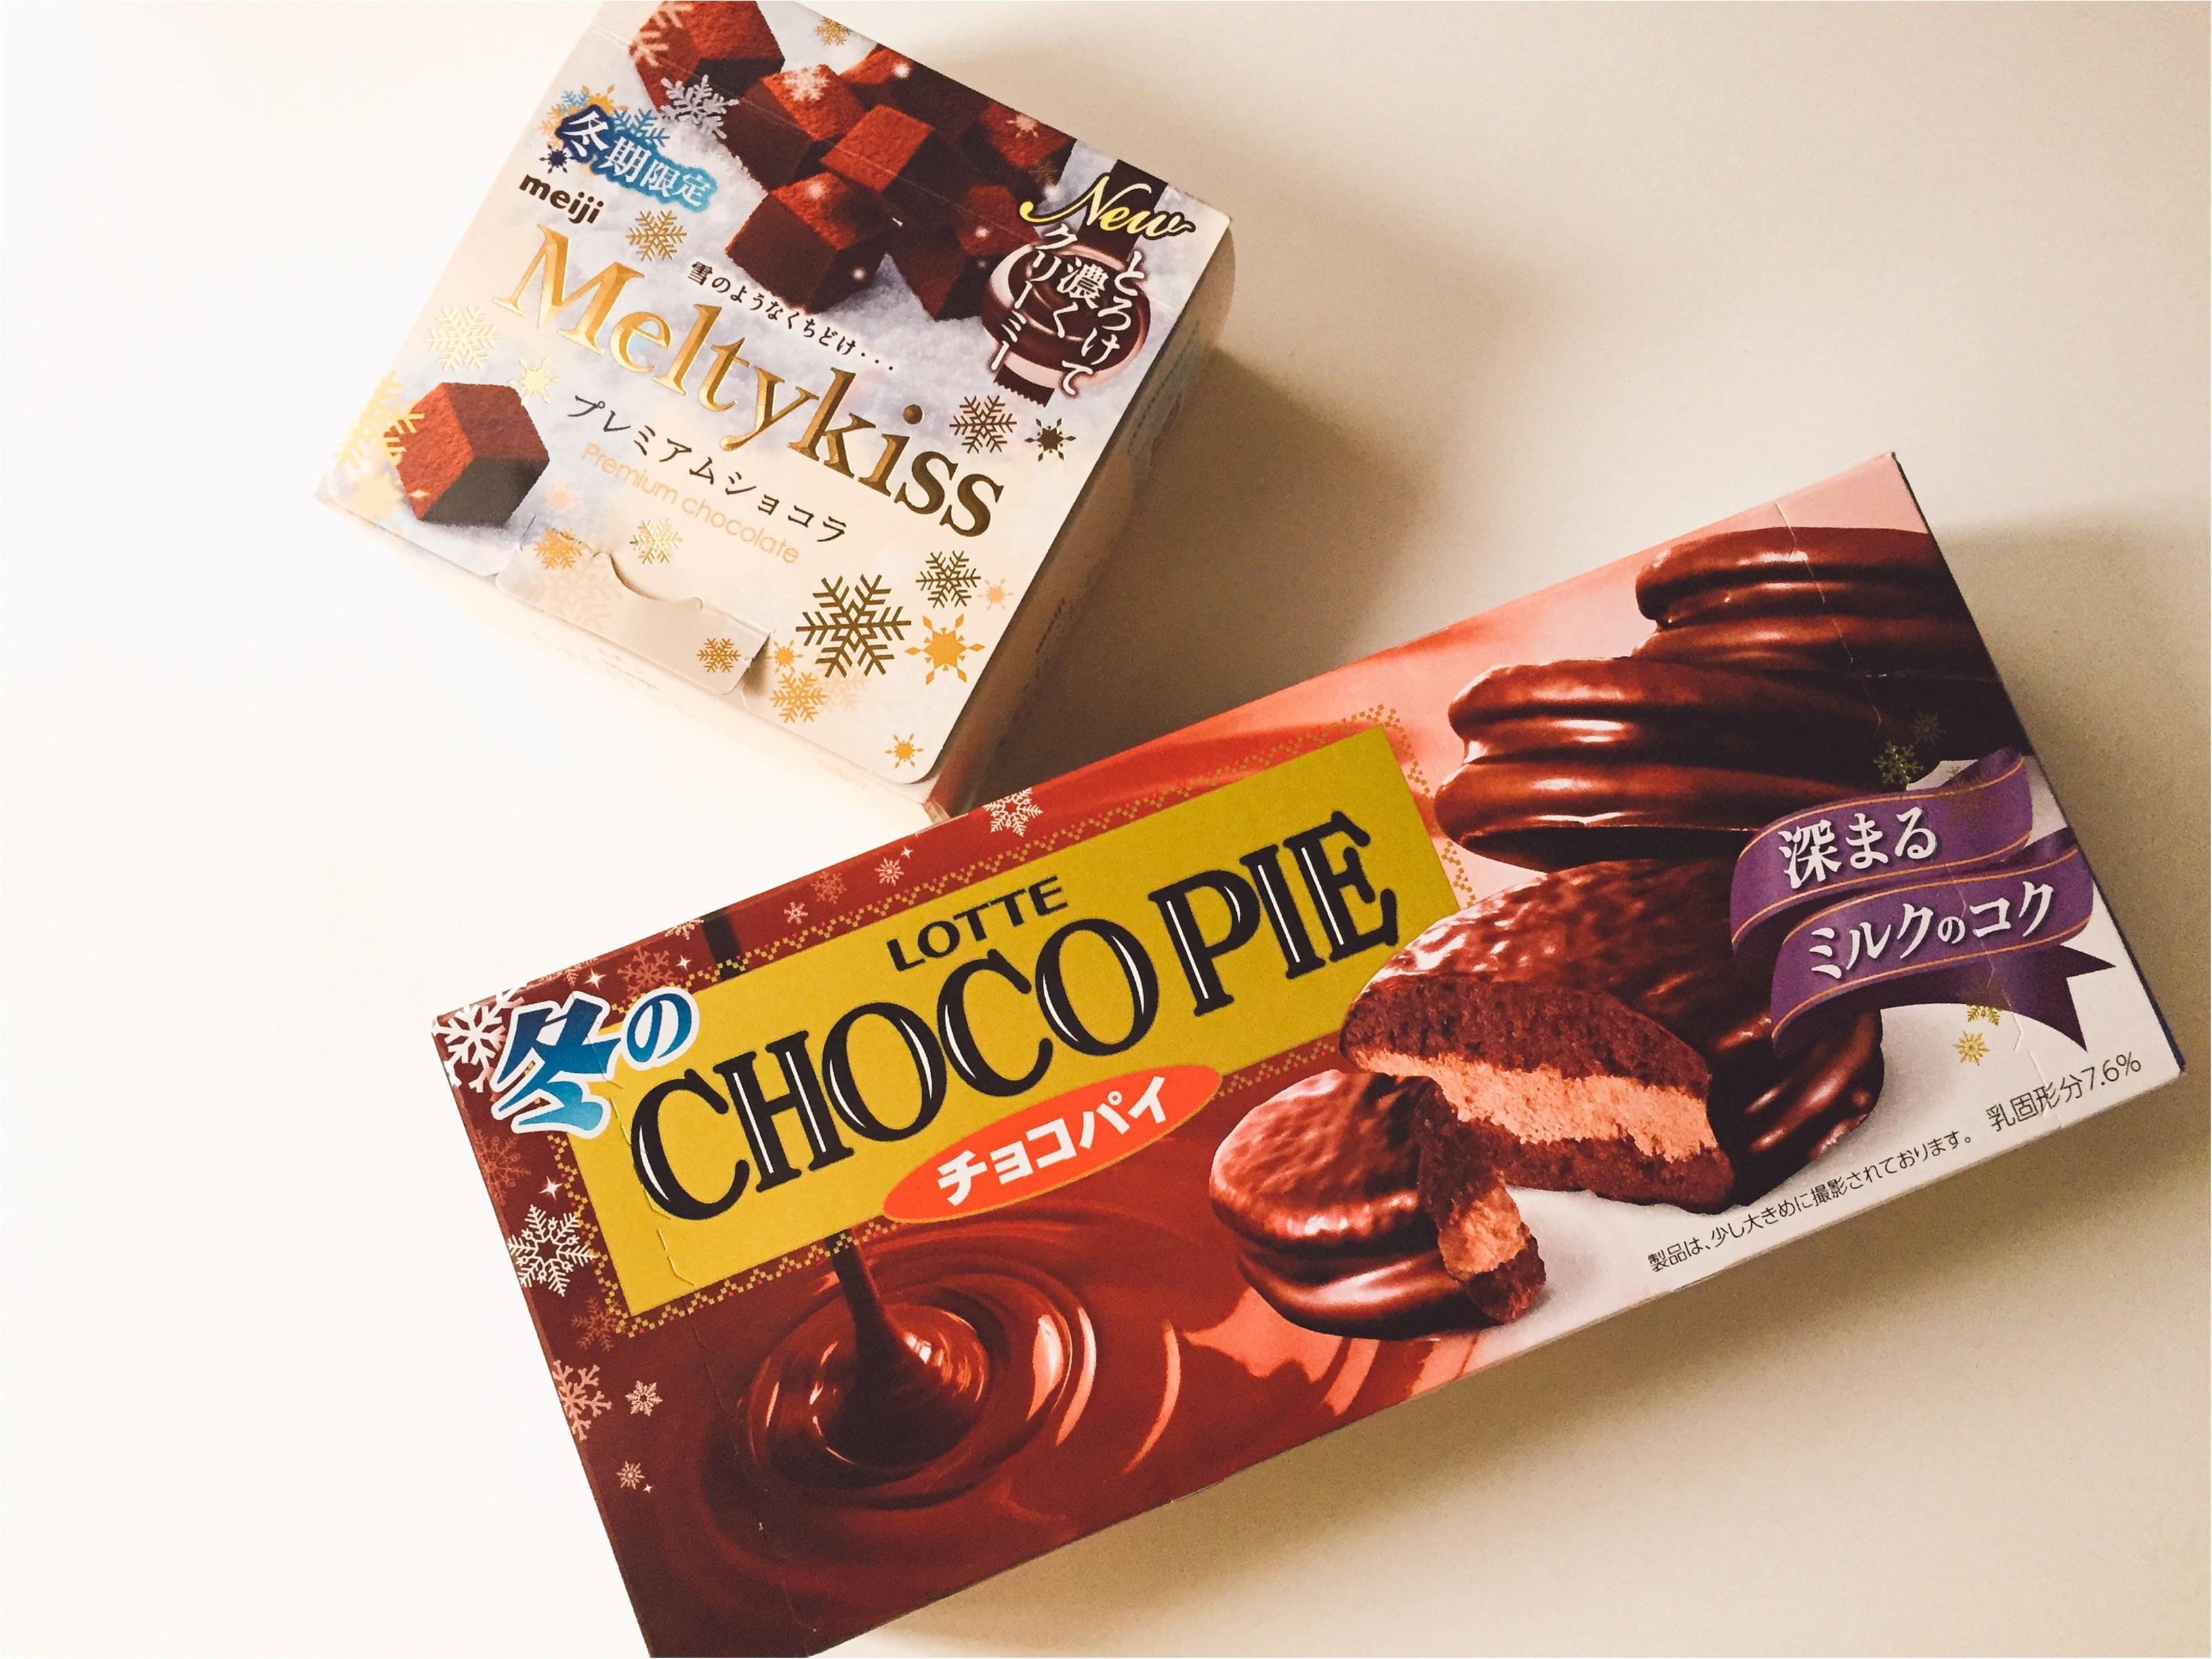 冬こそチョコレート!《冬限定》のチョコレート菓子をチェック♡*_1